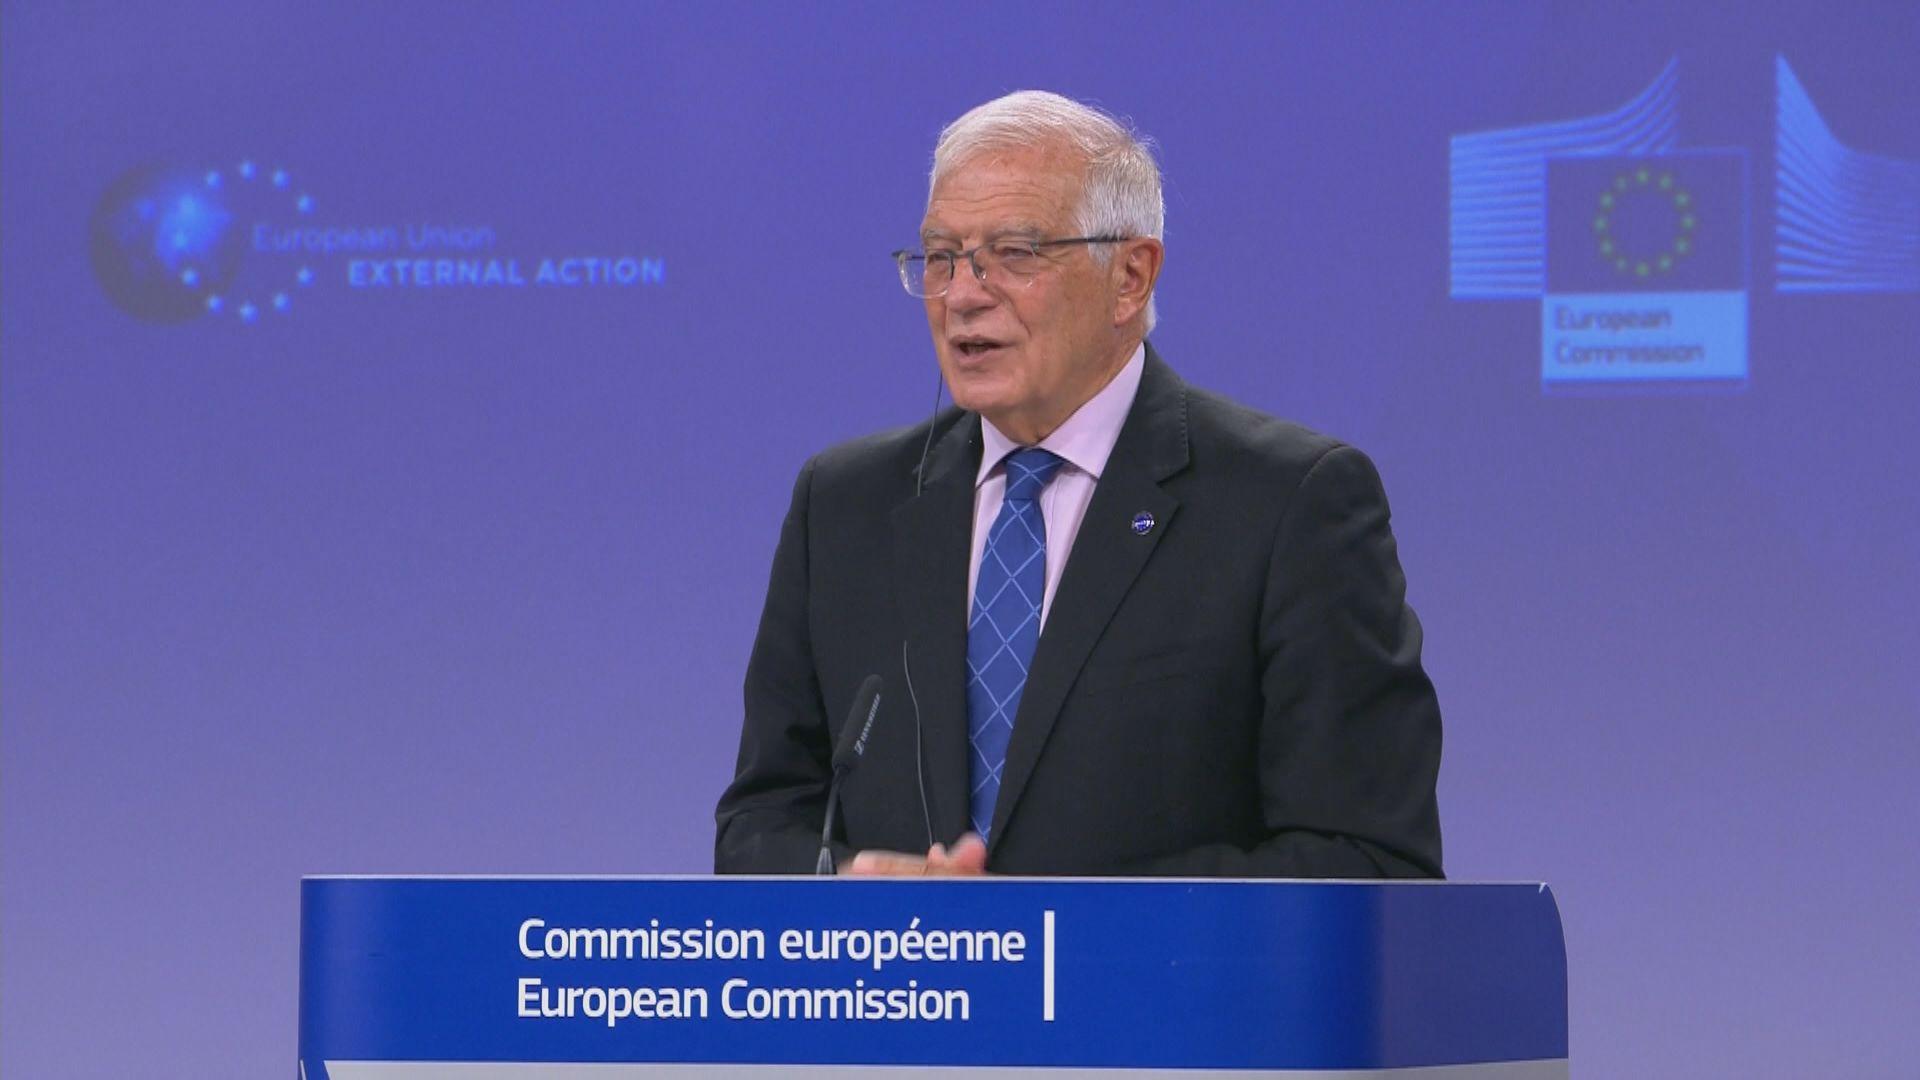 歐盟公布印太戰略 並歡迎中國加入應對氣候變化等合作